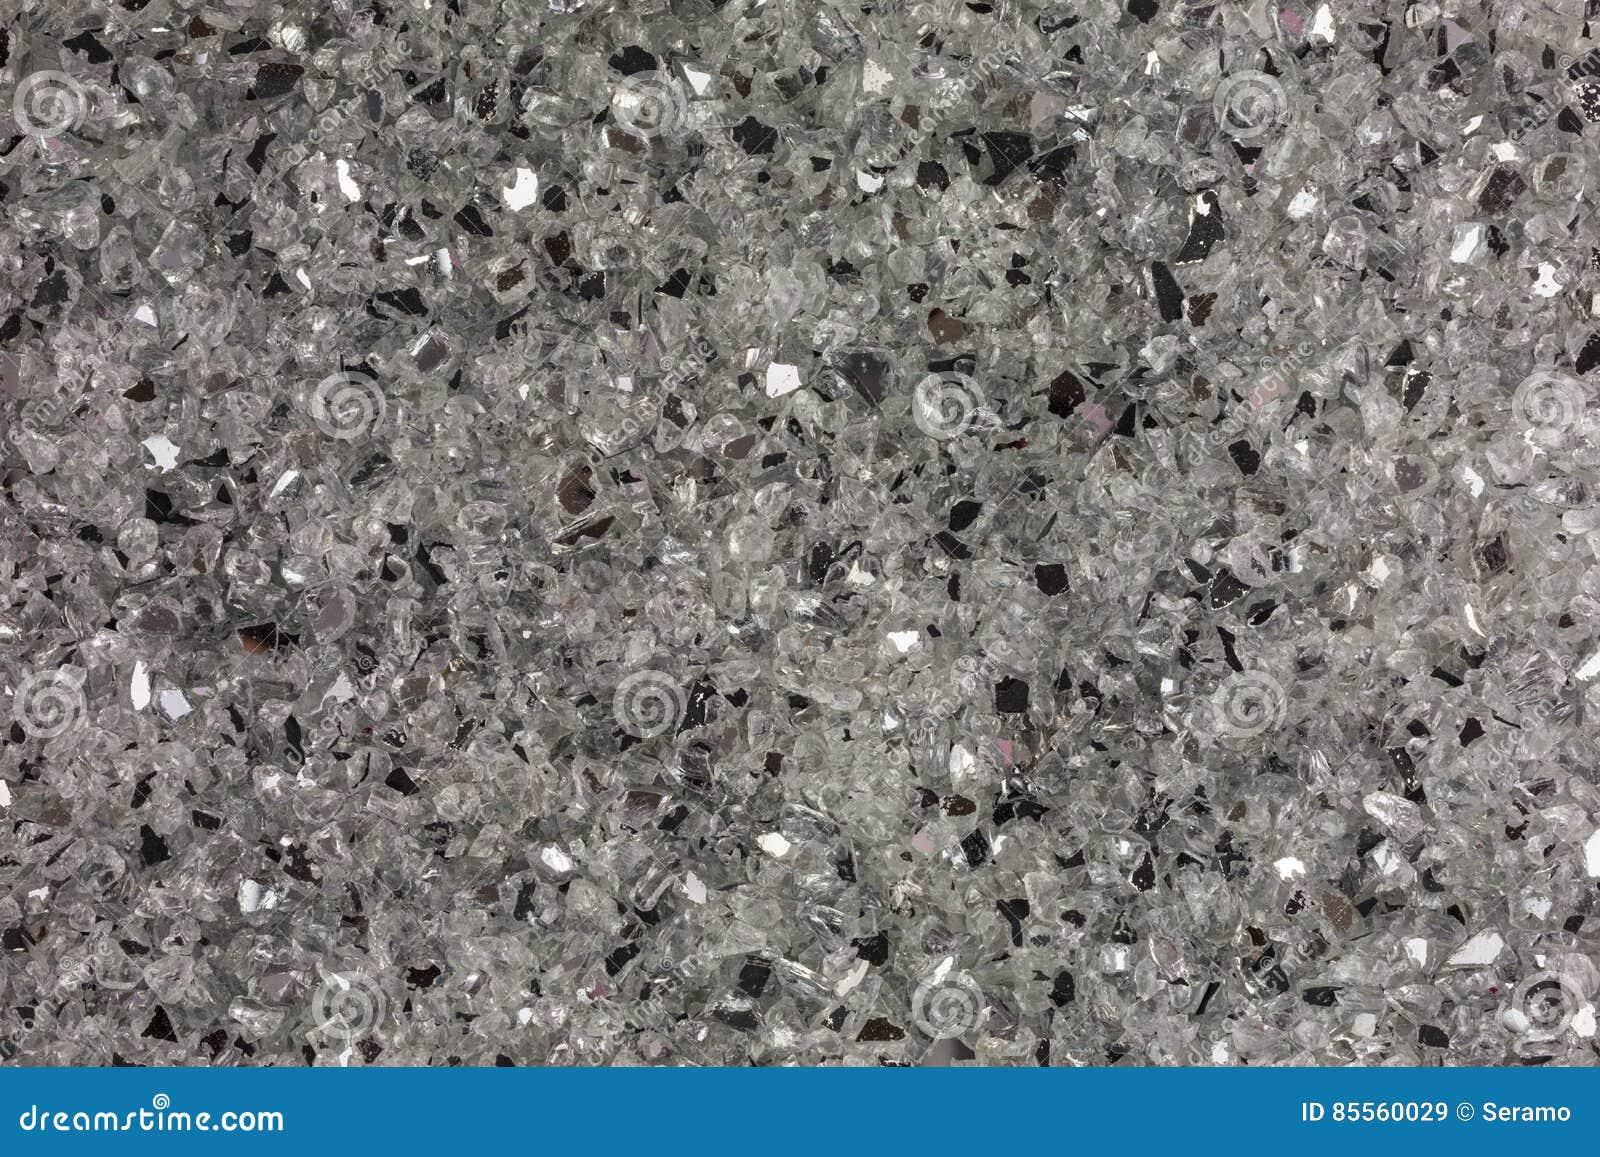 Defekte Stückchen des weißen Glases